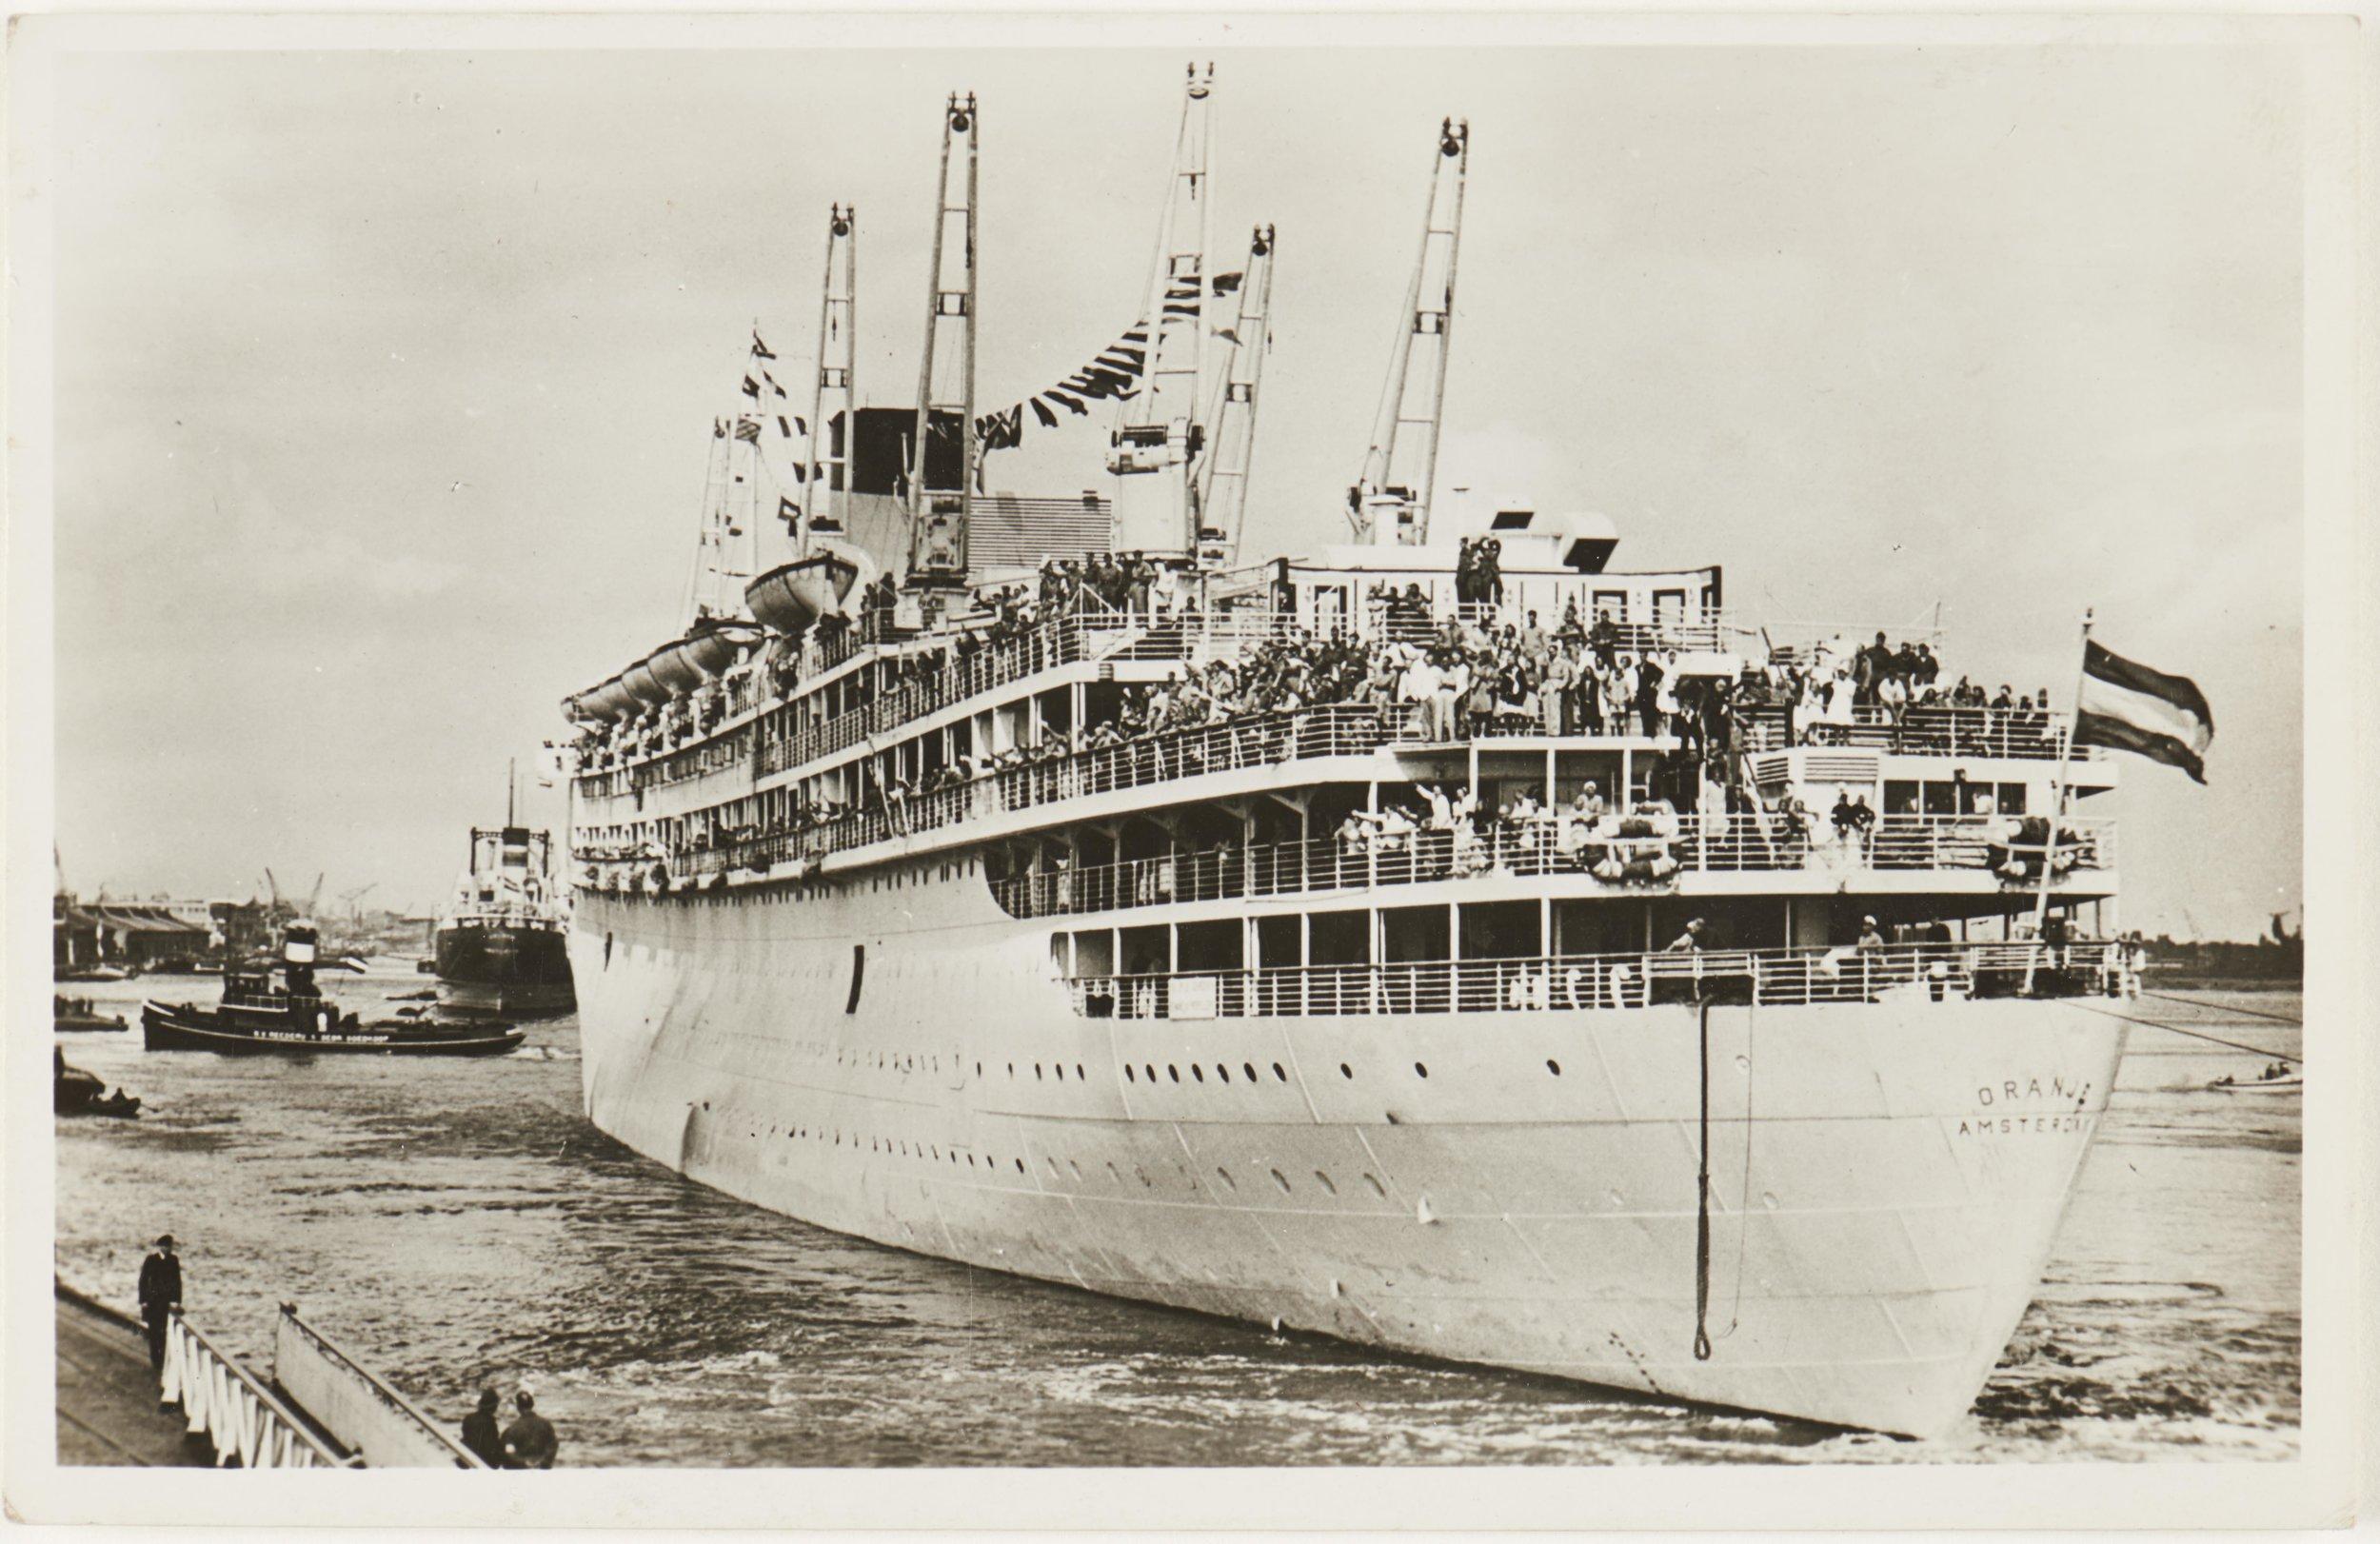 De ms Oranje werd gebouwd in 1937 en werd door Koningin Wilhelmina ter water gelaten op 8 september 1938